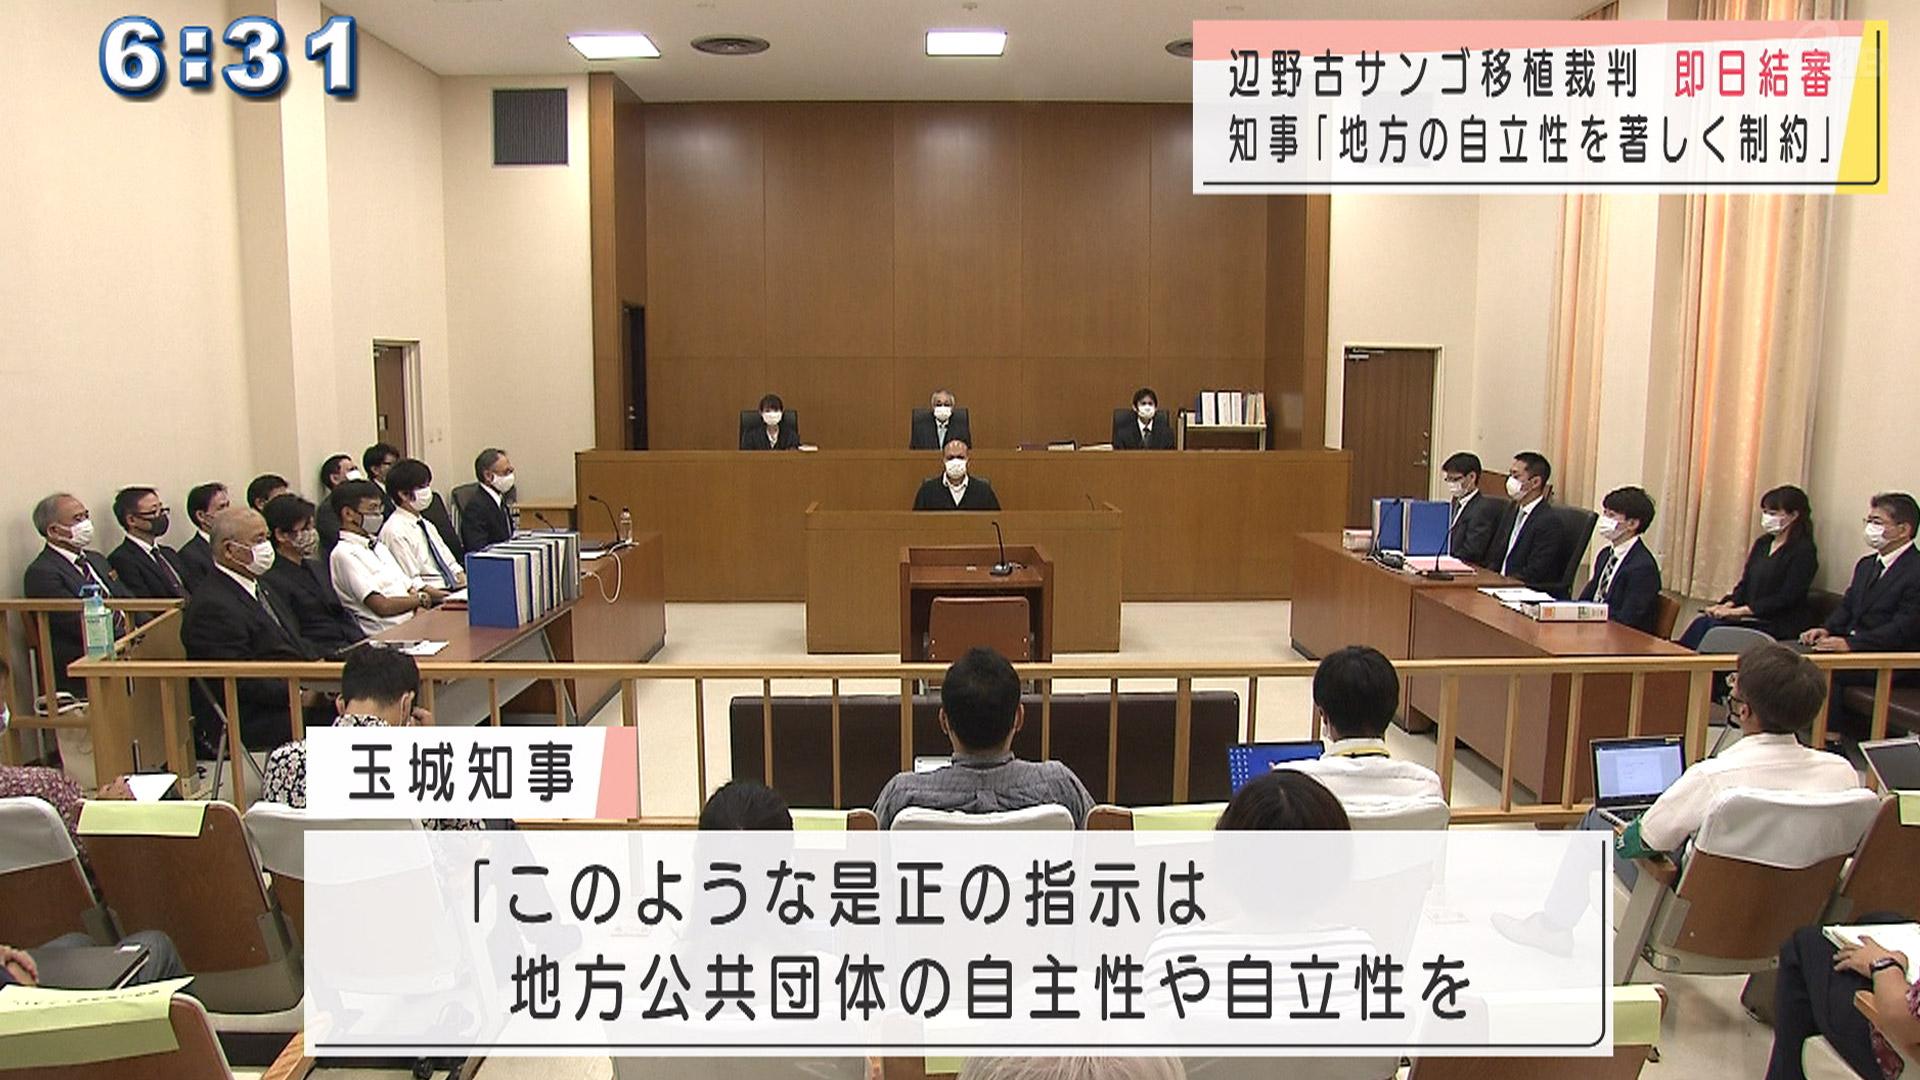 辺野古サンゴ移植裁判 即日結審 判決は来年2月